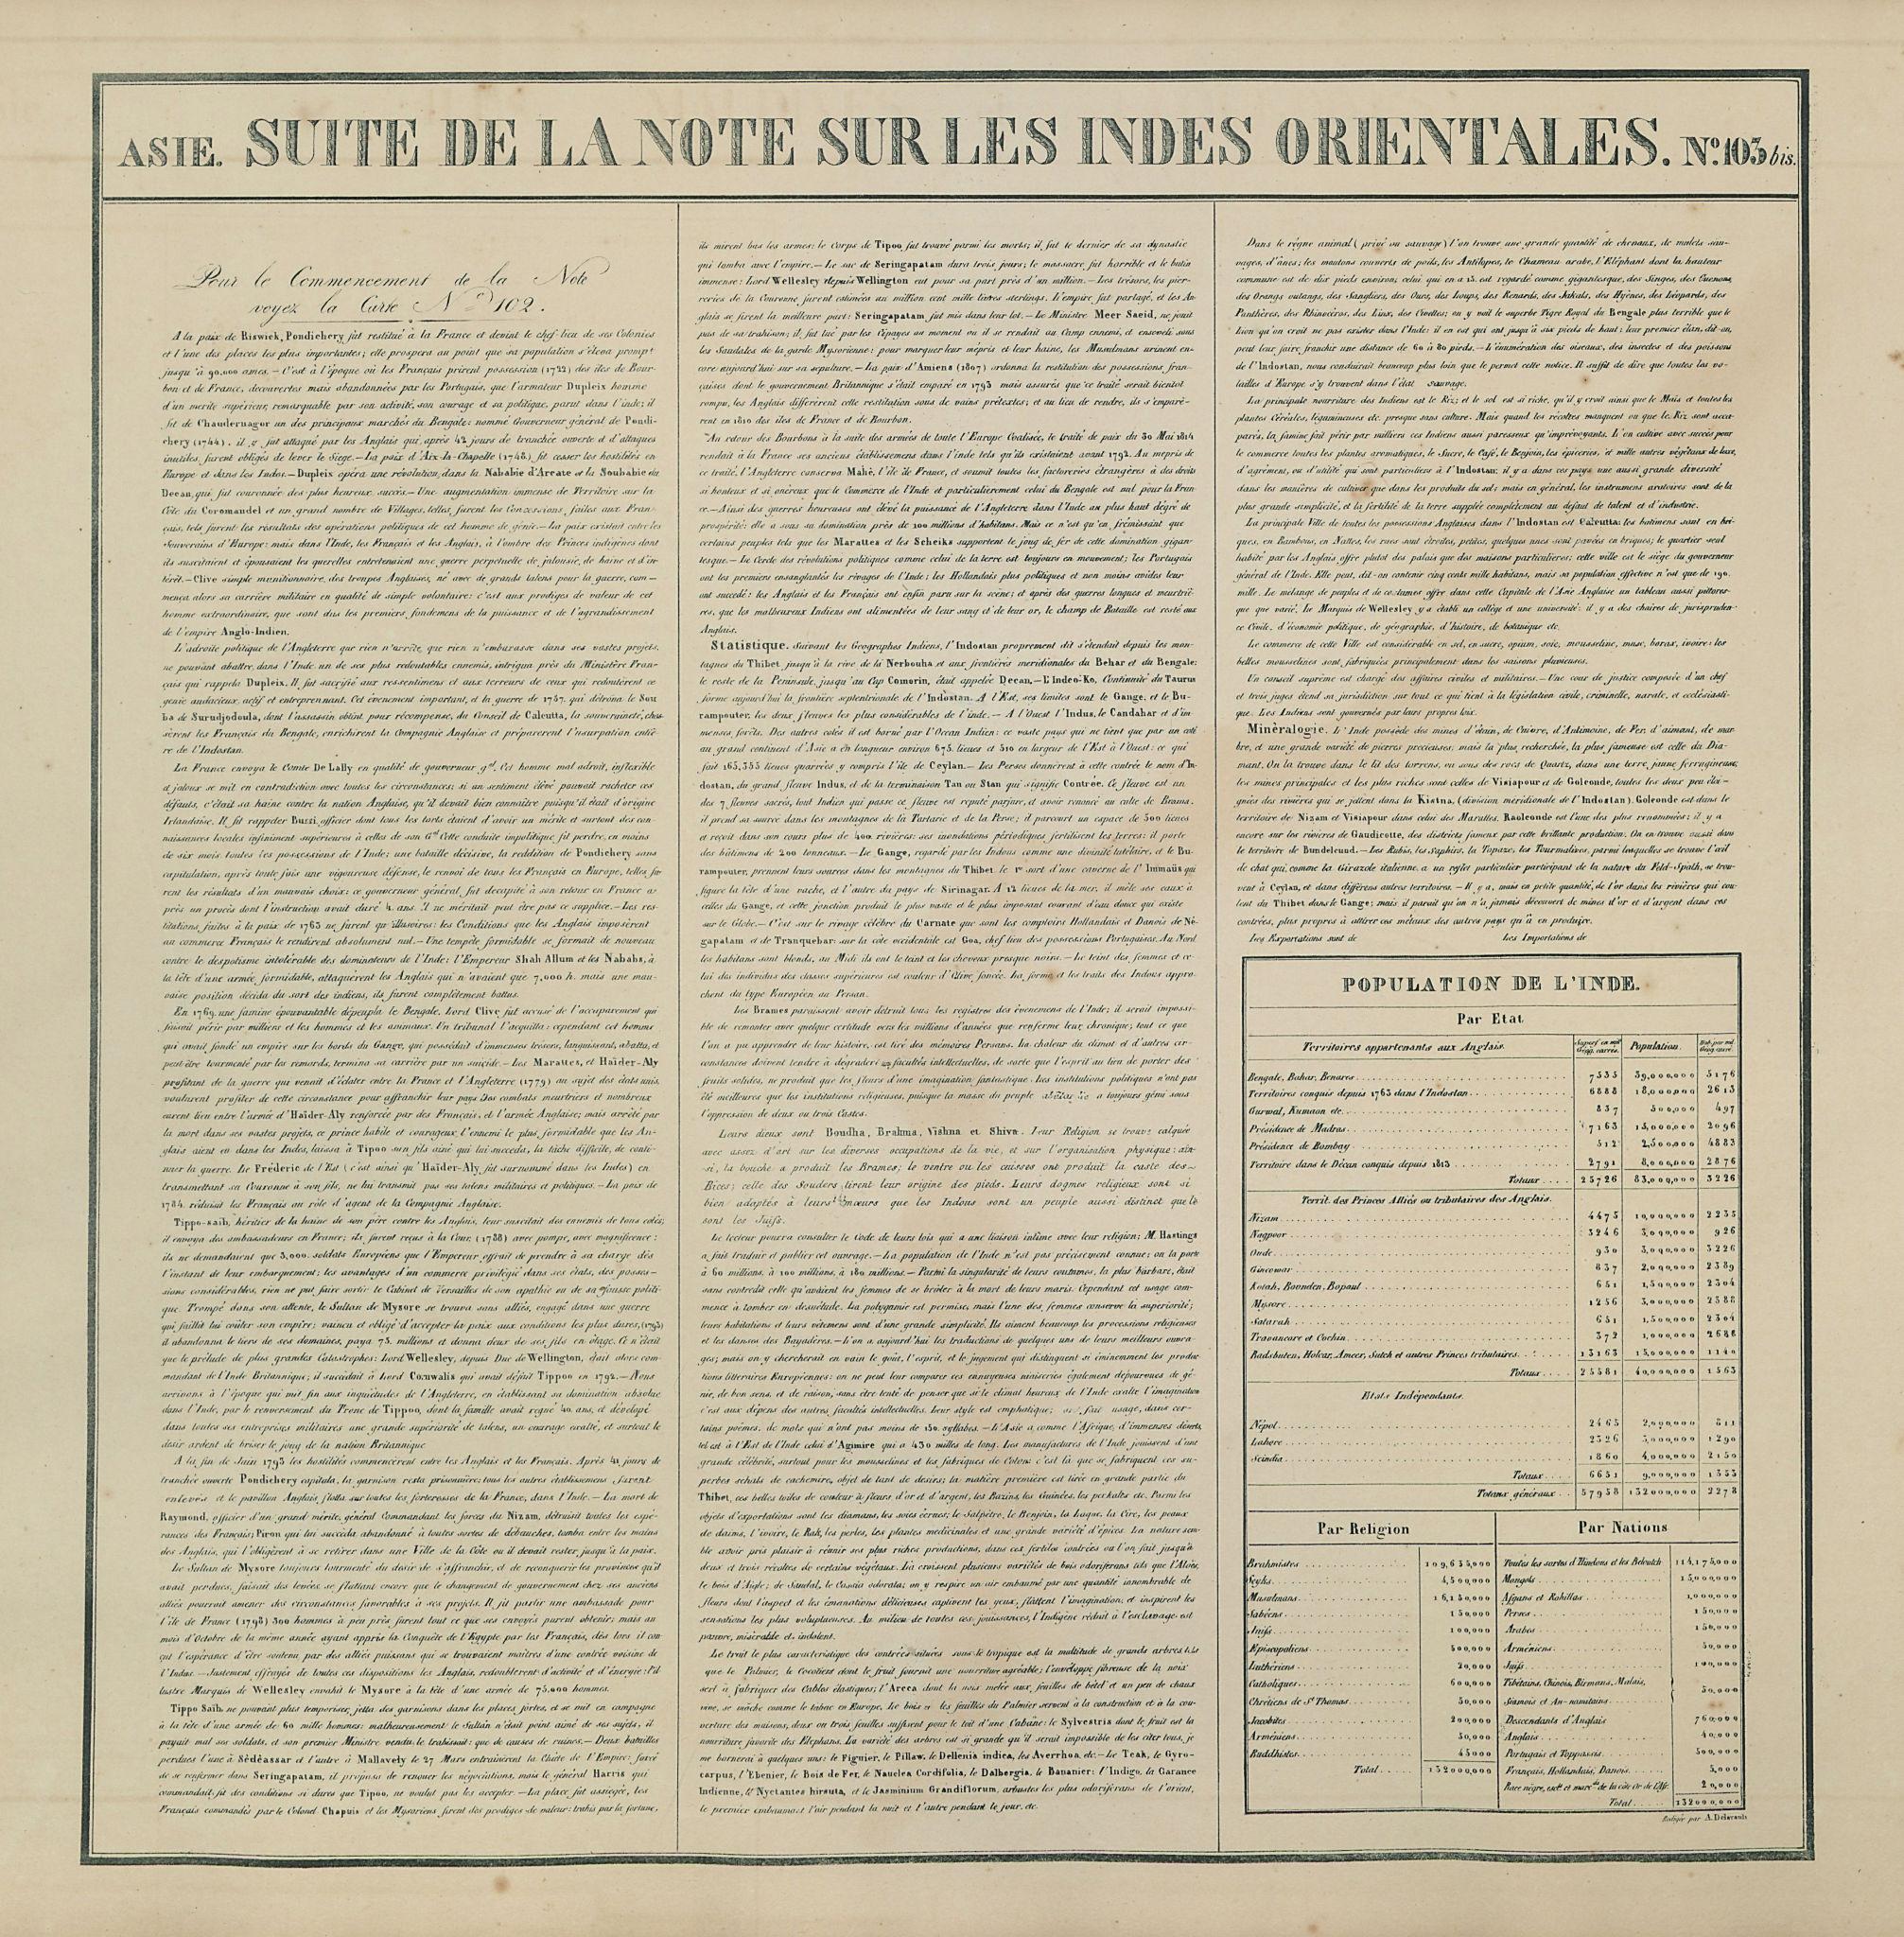 Asie. Suite de la Note… Indes Orientales #103 bis. India. VANDERMAELEN 1827 map